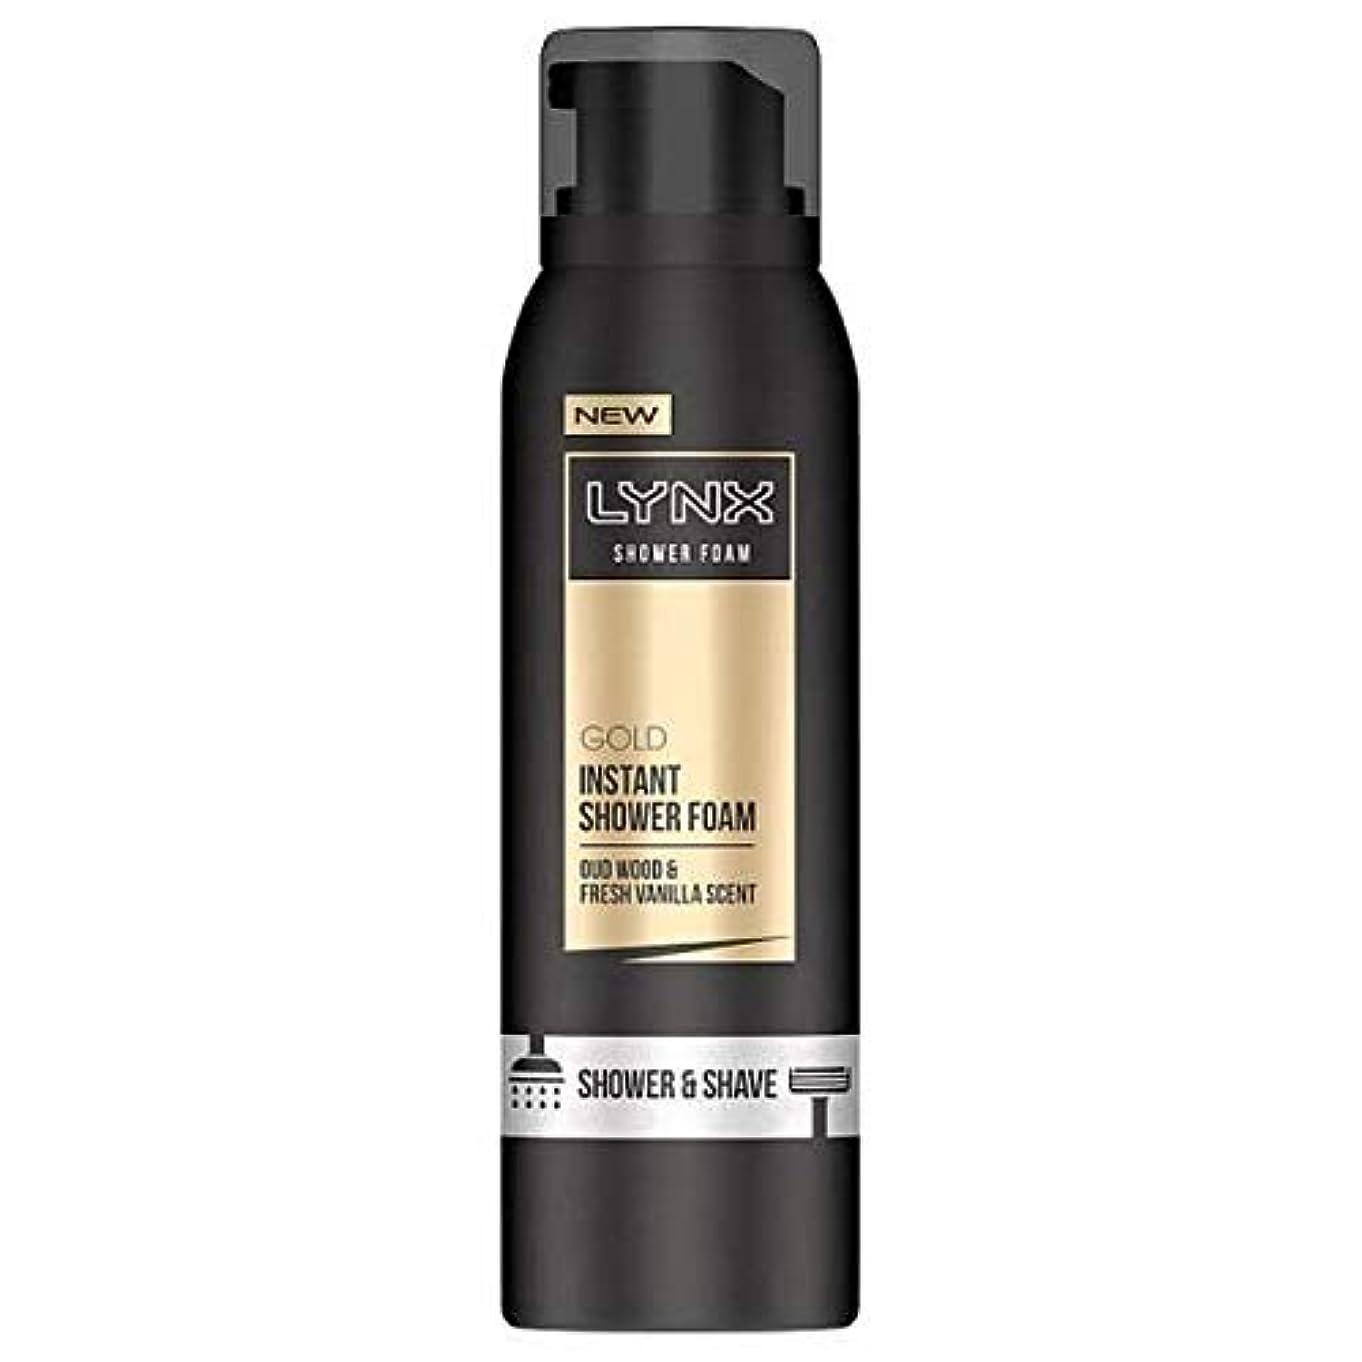 肺ブレーキ頭[Lynx ] オオヤマネコウードウッド&バニラの香りのシャワー&泡200ミリリットルを剃ります - Lynx Oud Wood & Vanilla Scent Shower & Shave Foam 200ml [並行輸入品]